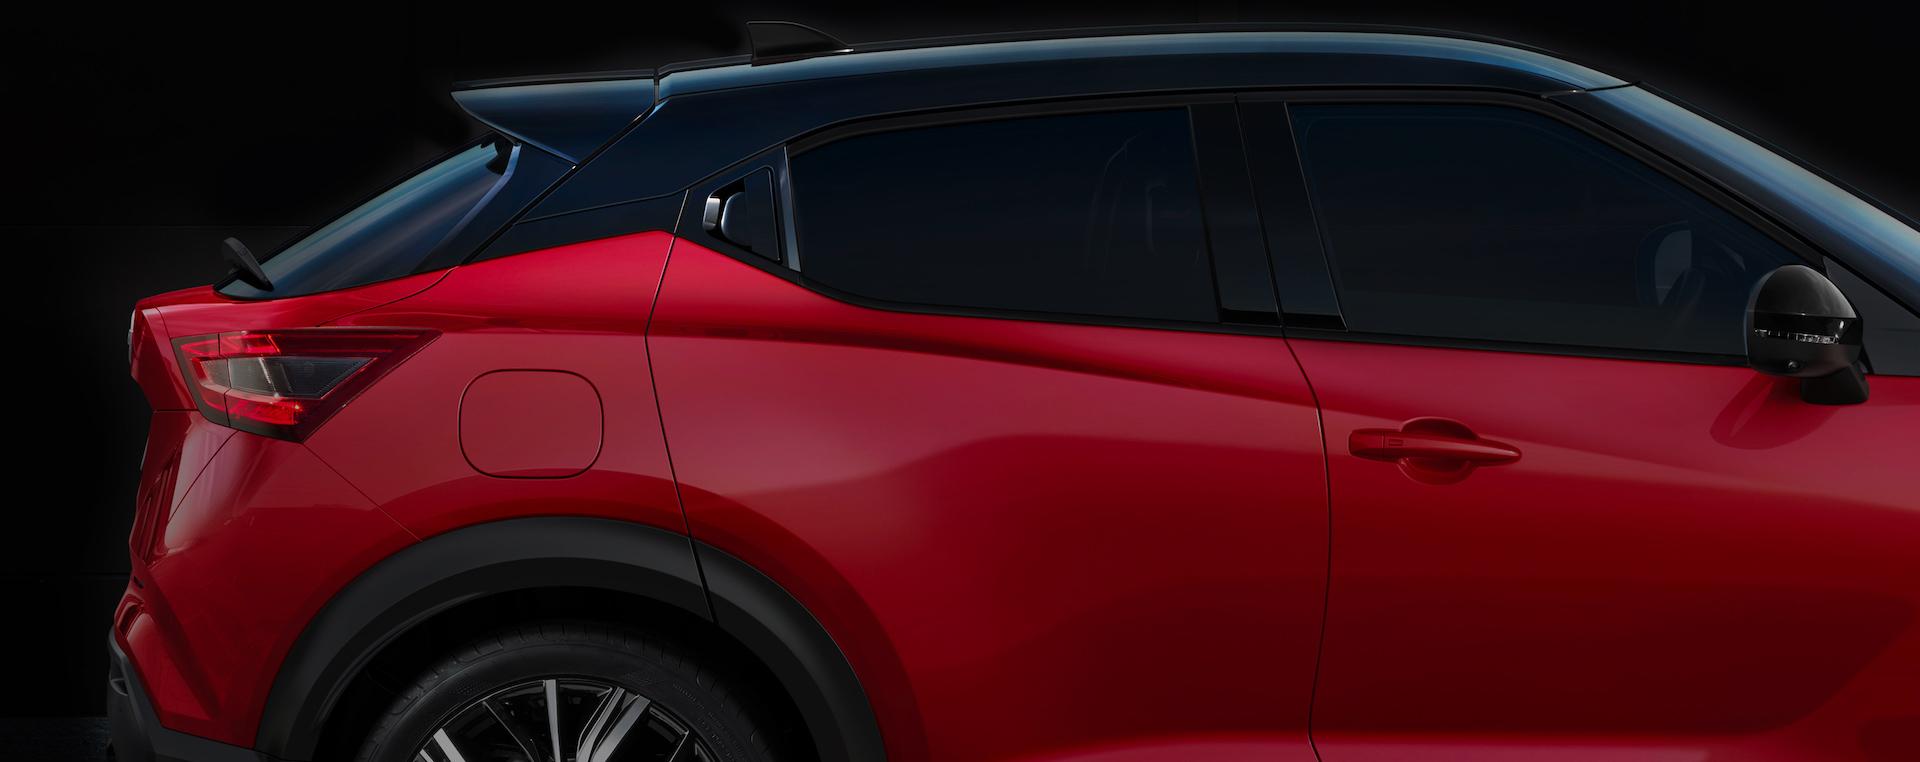 carroçaria do Nissan Juke